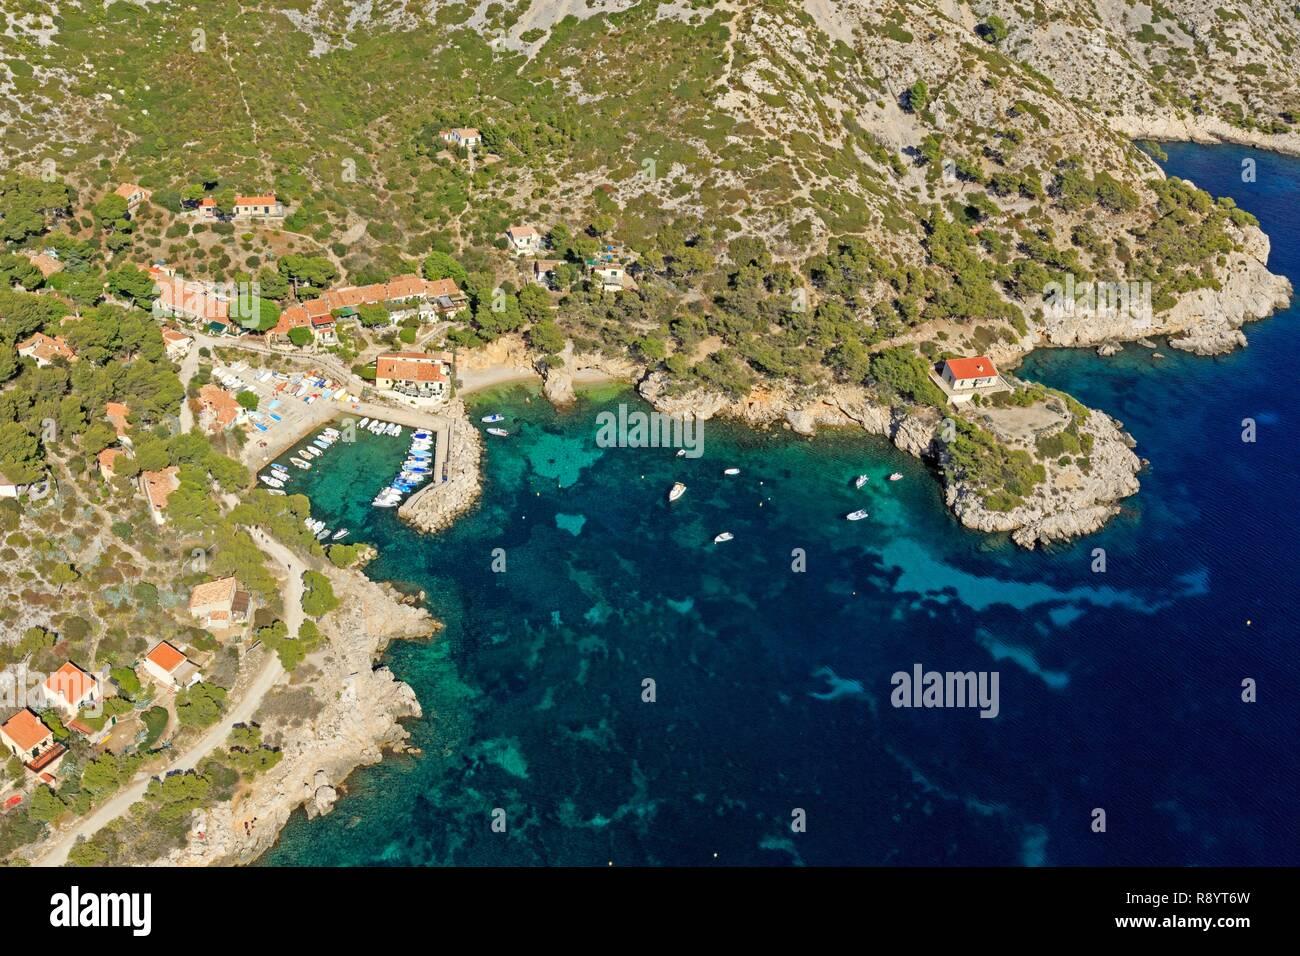 France, Bouches du Rhone, Calanques National Park, Marseille, 9th arrondissement, Calanque de Sormiou, Pointe de La Buse (aerial view) Stock Photo